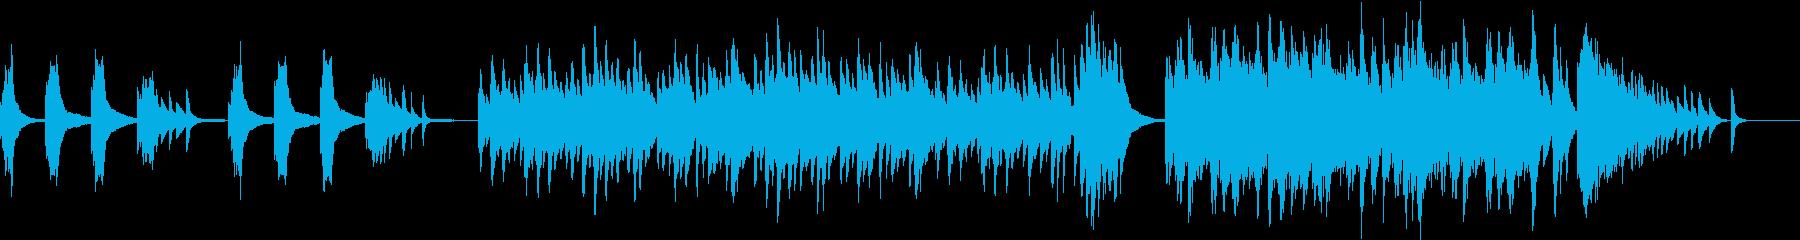 「さくらさくら」の流麗で繊細なハープの再生済みの波形